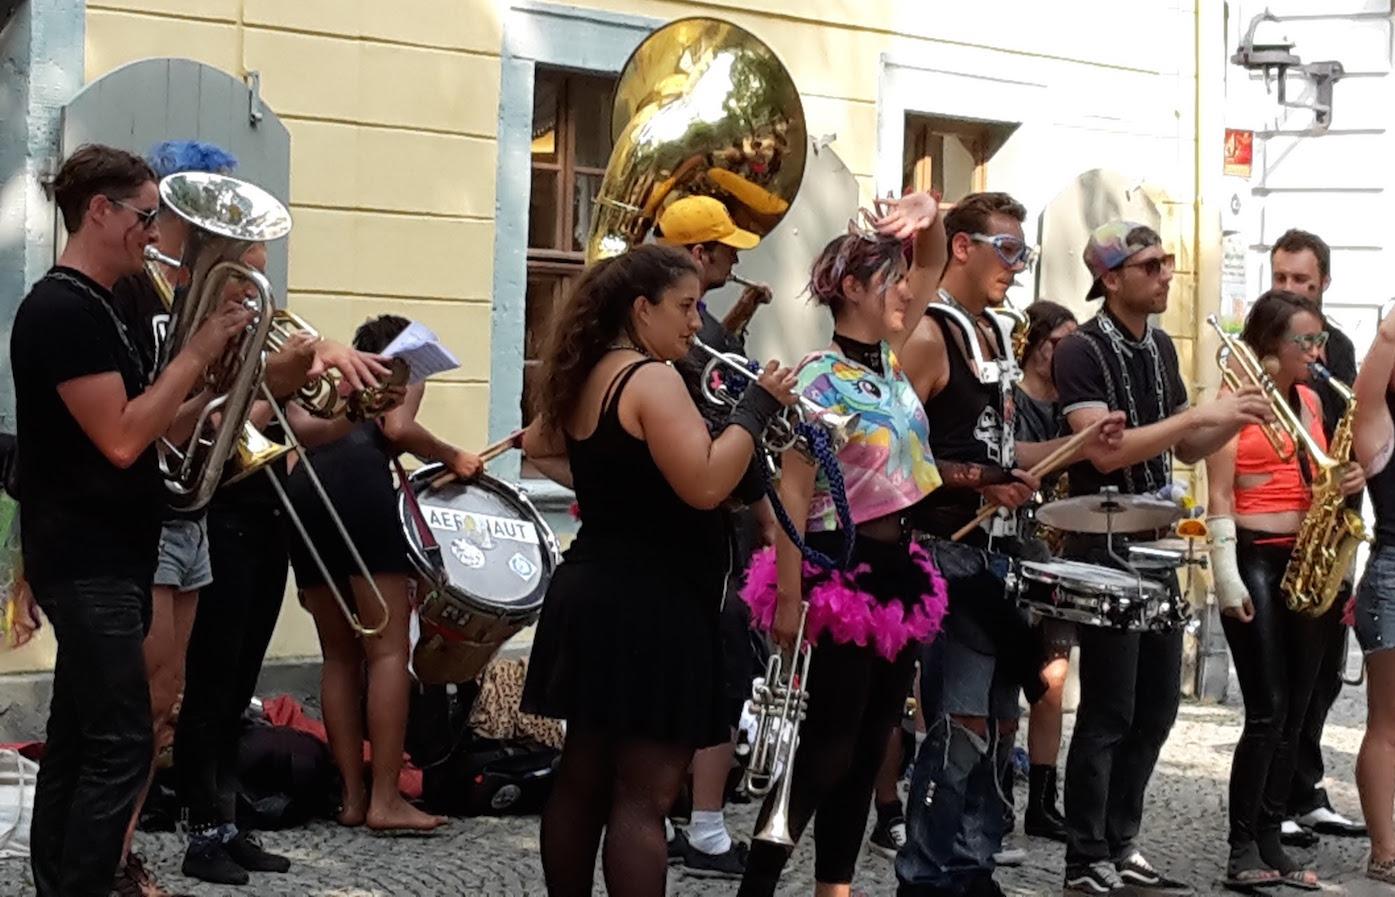 Straßenmusik vorm SchillerHaus Weimar